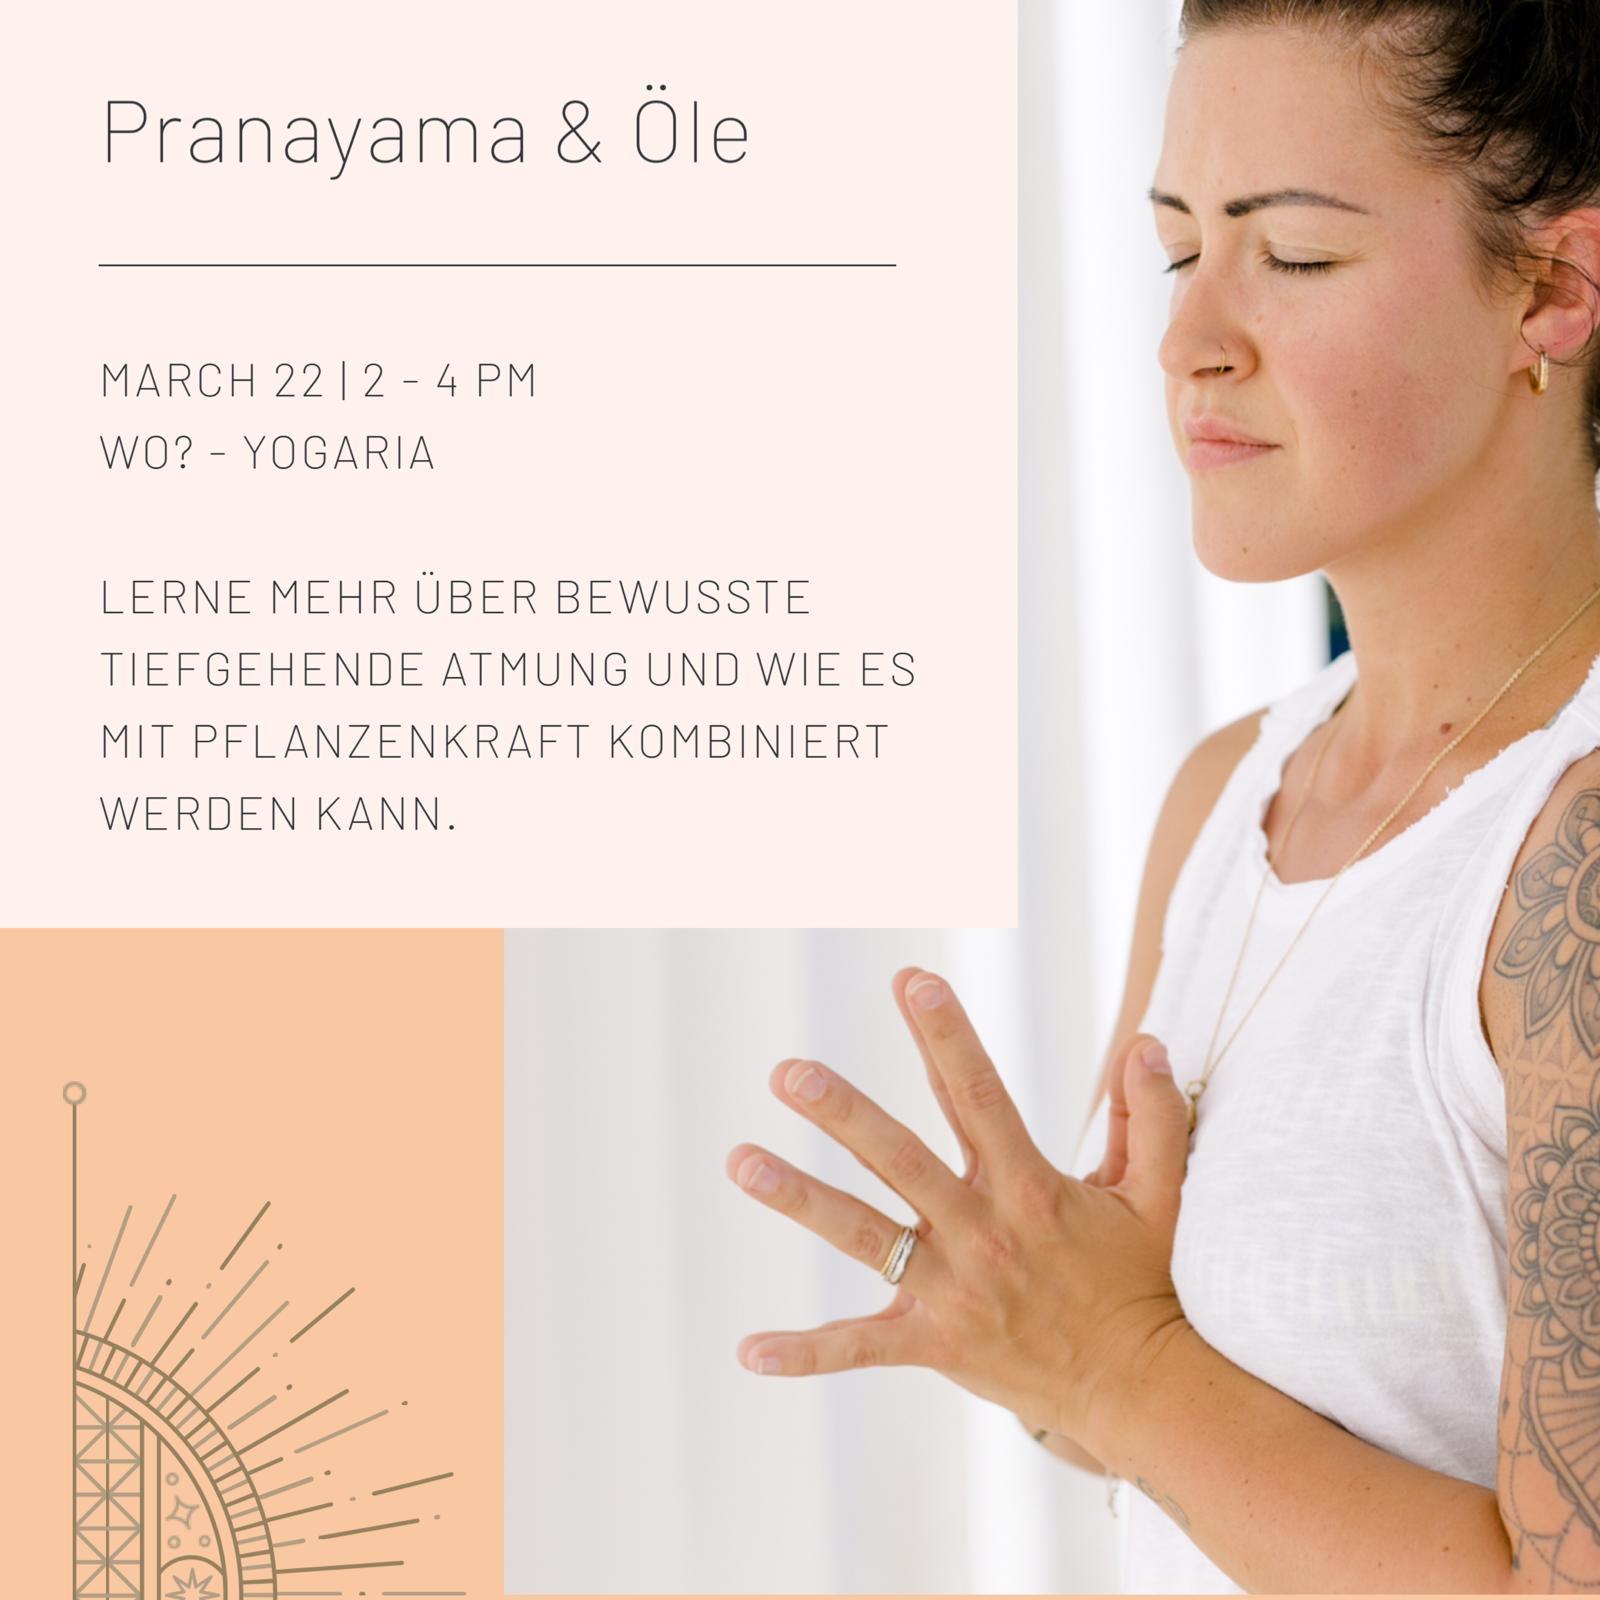 Tatjana rechts im Bild von der Seite mit den Händen in Namaskar, der Gebetshaltung, geschlossene Augen, meditativ, links oben eine Infobox mit den Details zum Workshop